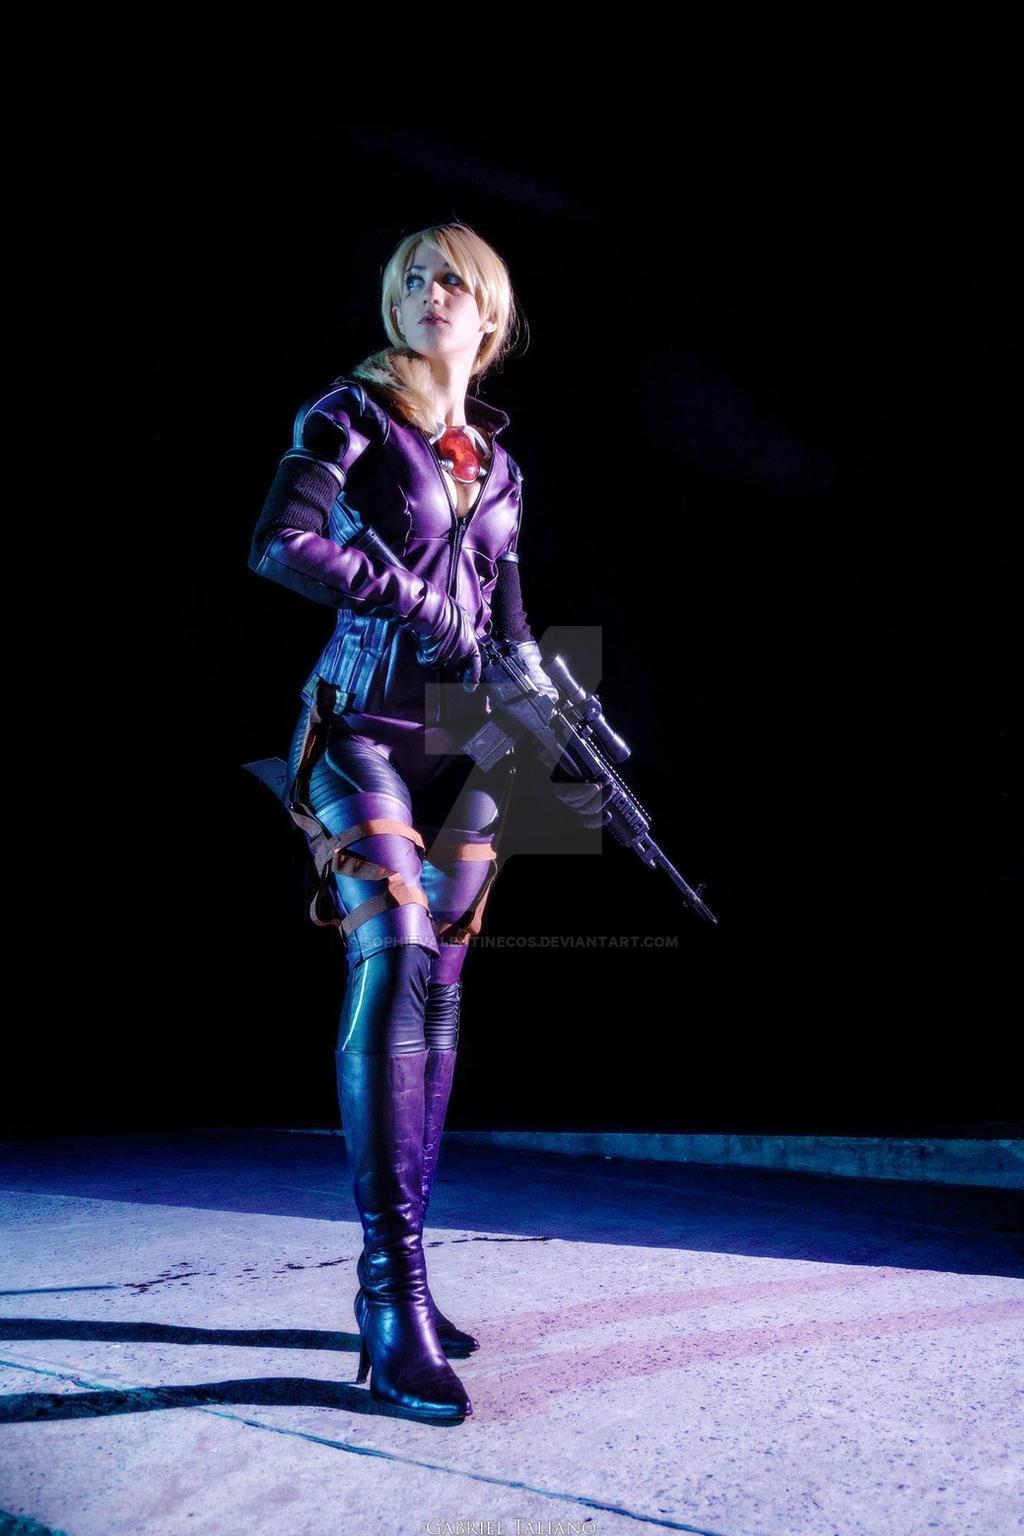 Jill Valentine Battlesuit by SophieValentineCos